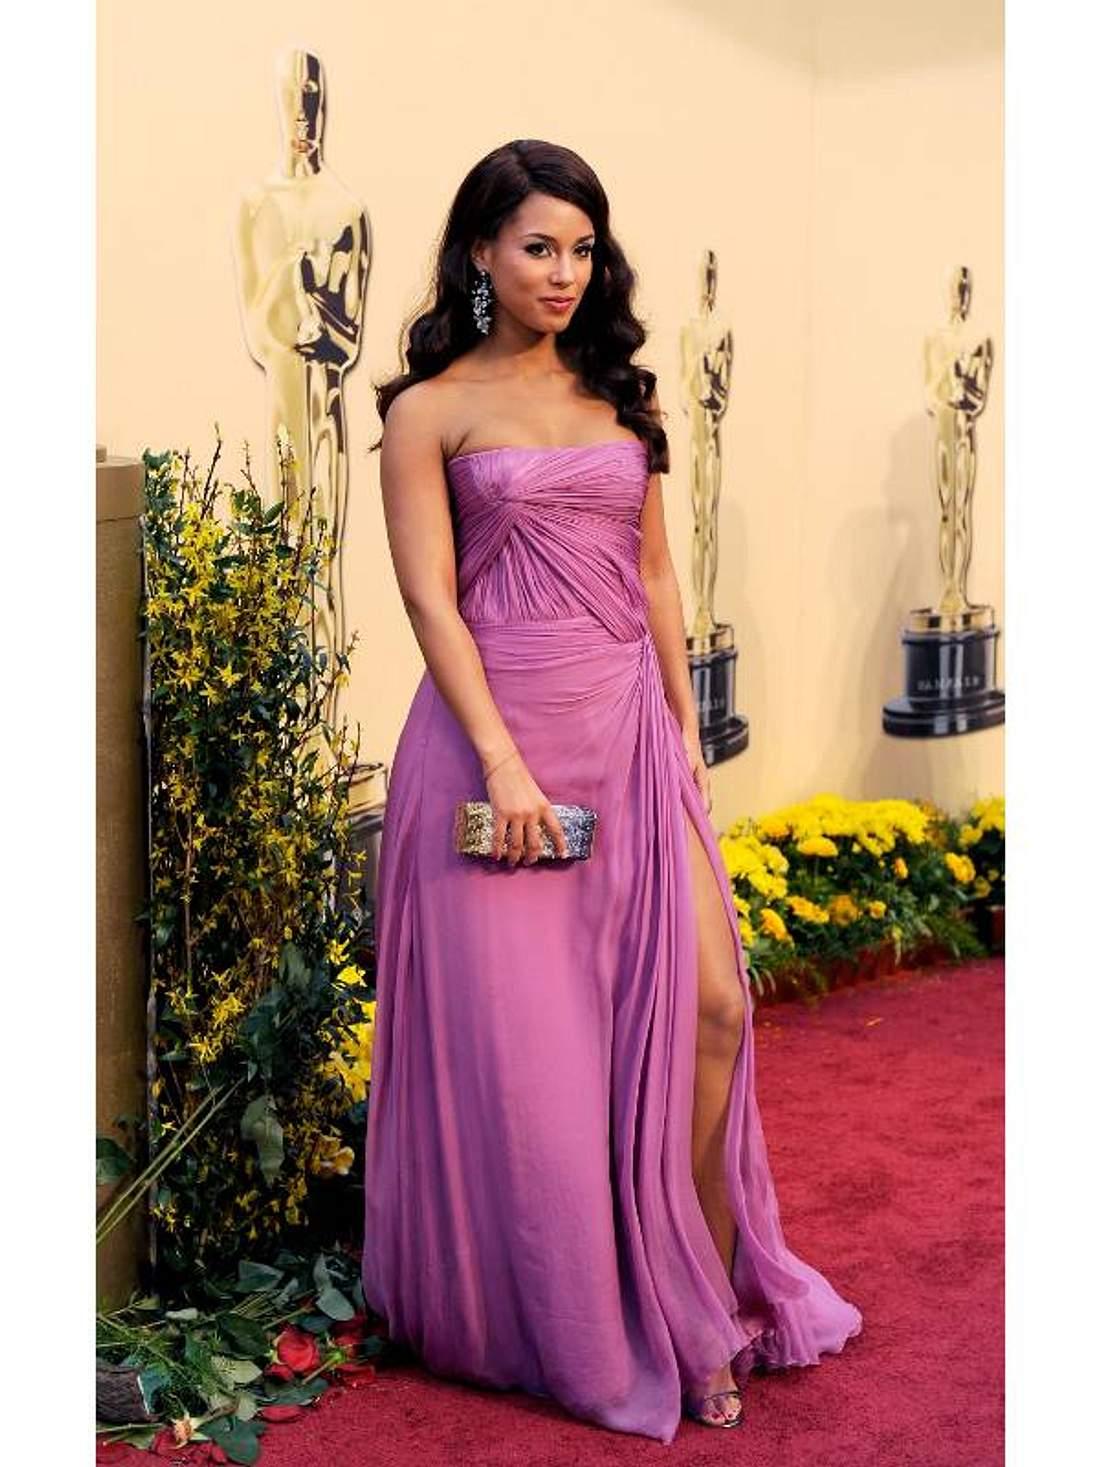 Die schönsten Oscar-Roben der vergangenen Jahre - Bild 1